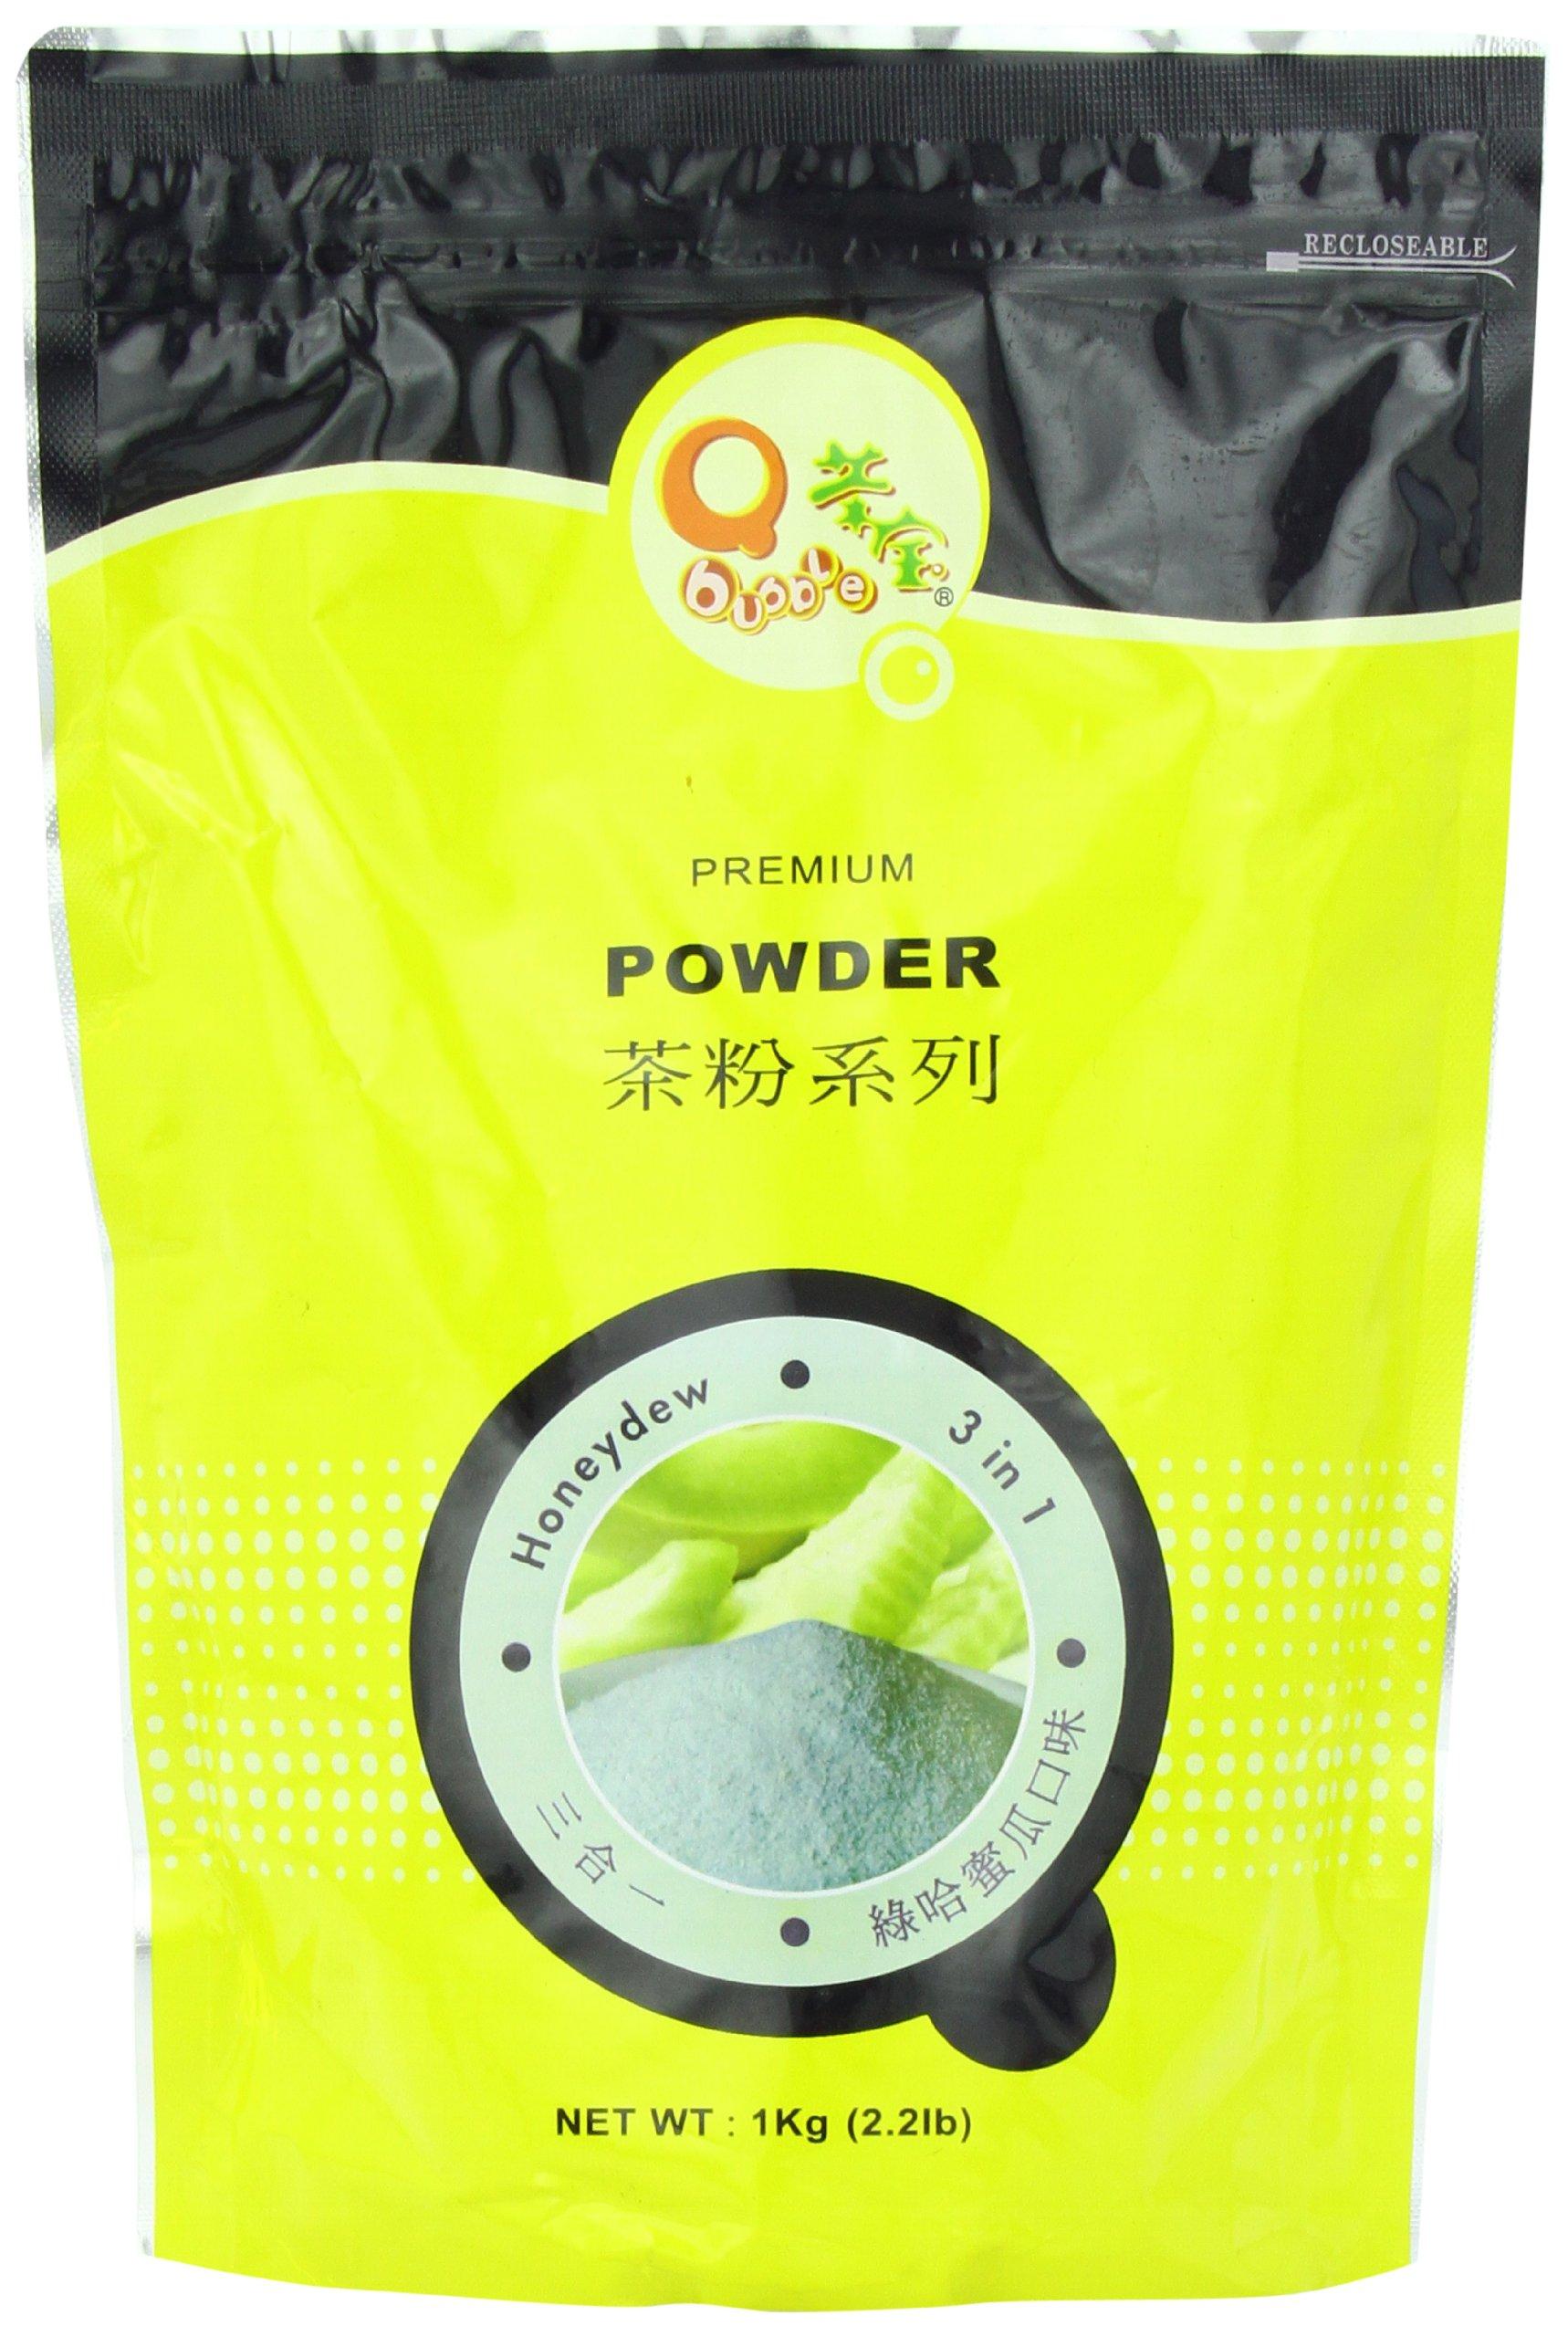 Qbubble Tea Honeydew Powder, Green, 2.2 Pound